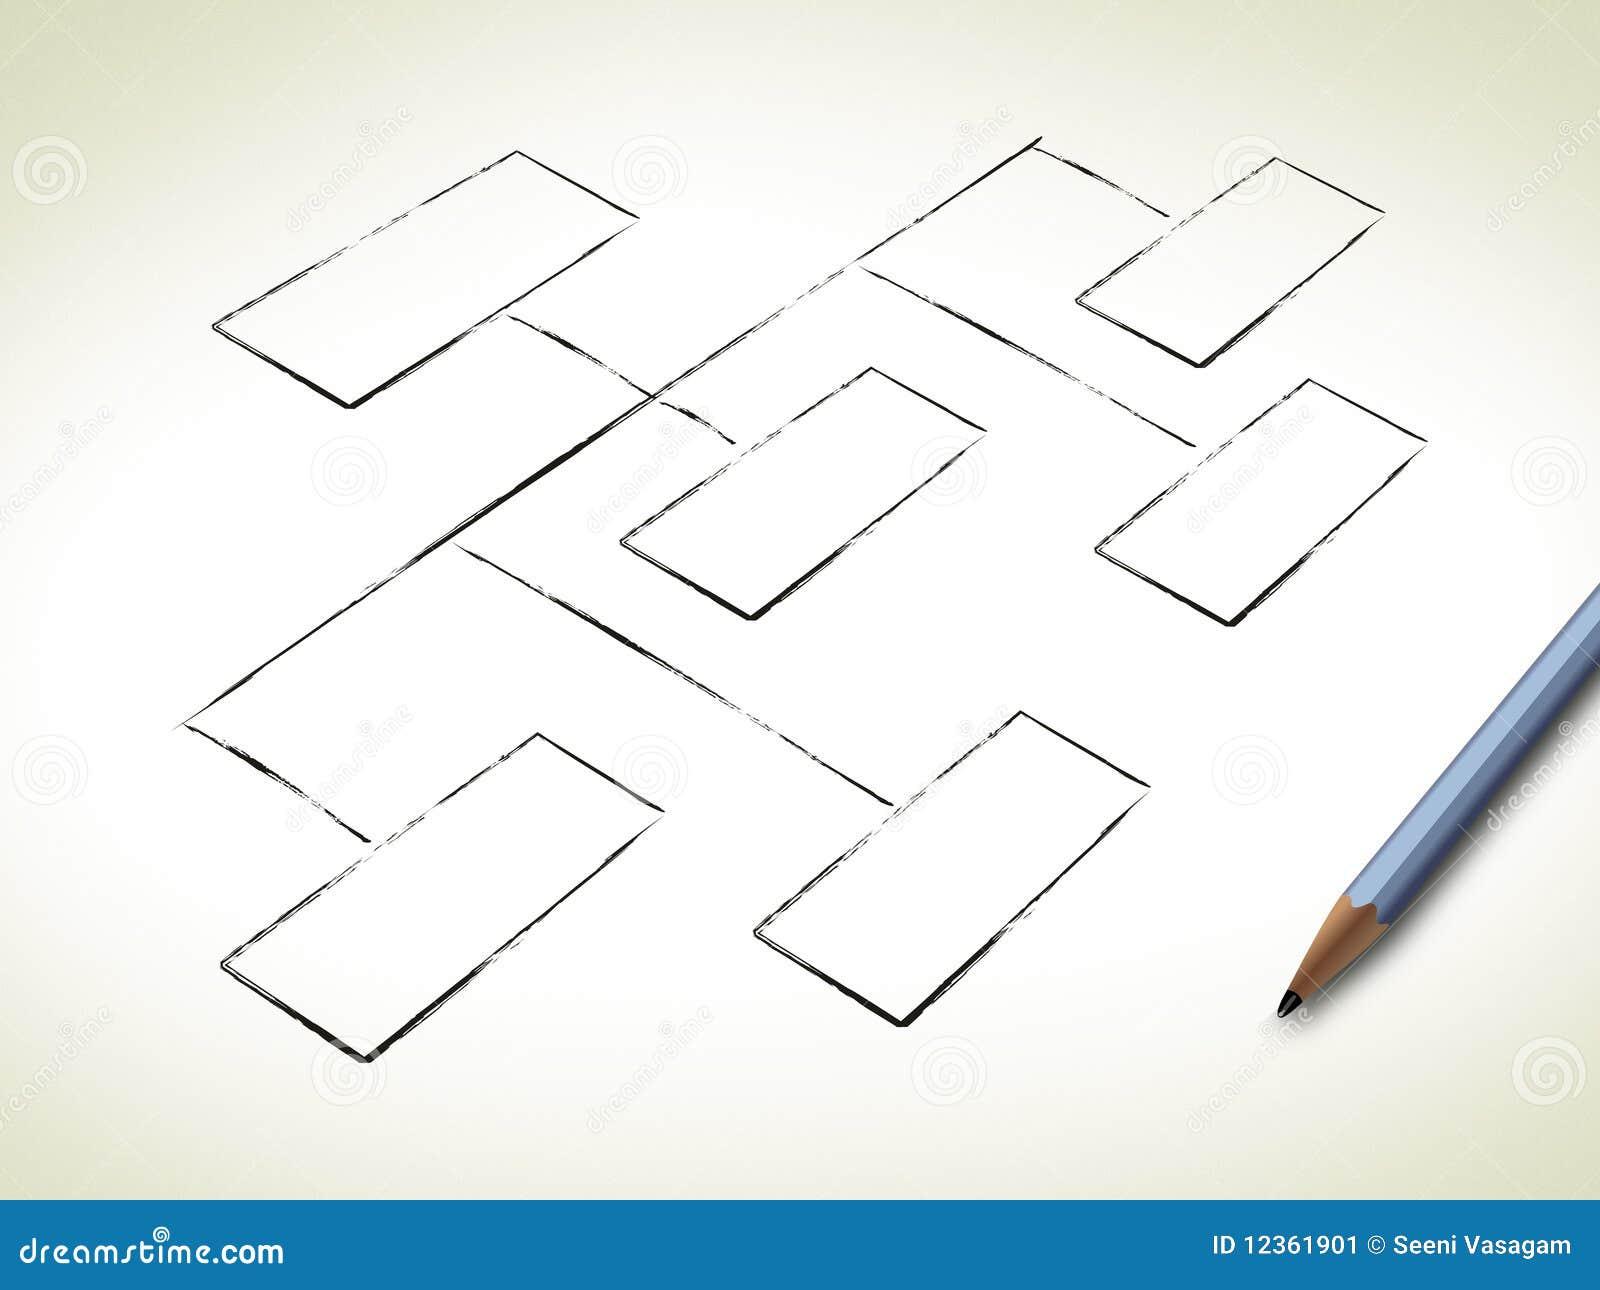 Blank Organization Chart Image Image 12361901 – Blank Organizational Chart